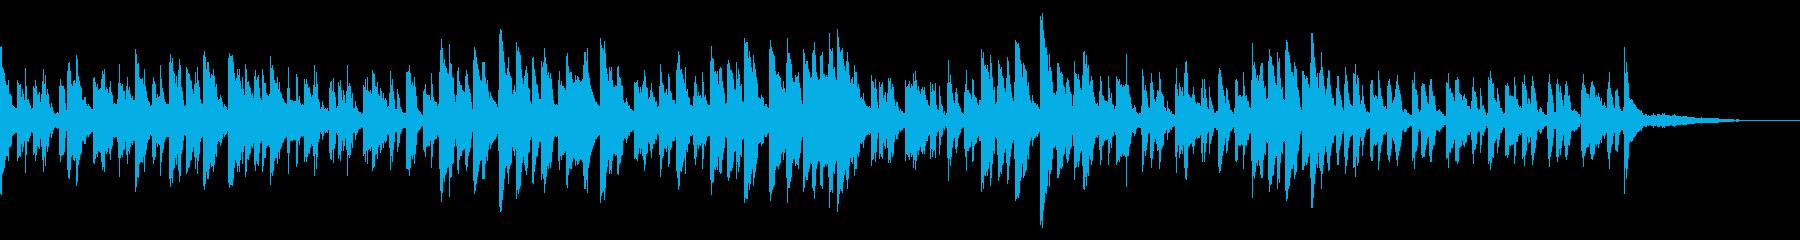 ちょっぴり上品でさわやかなピアノのサンバの再生済みの波形